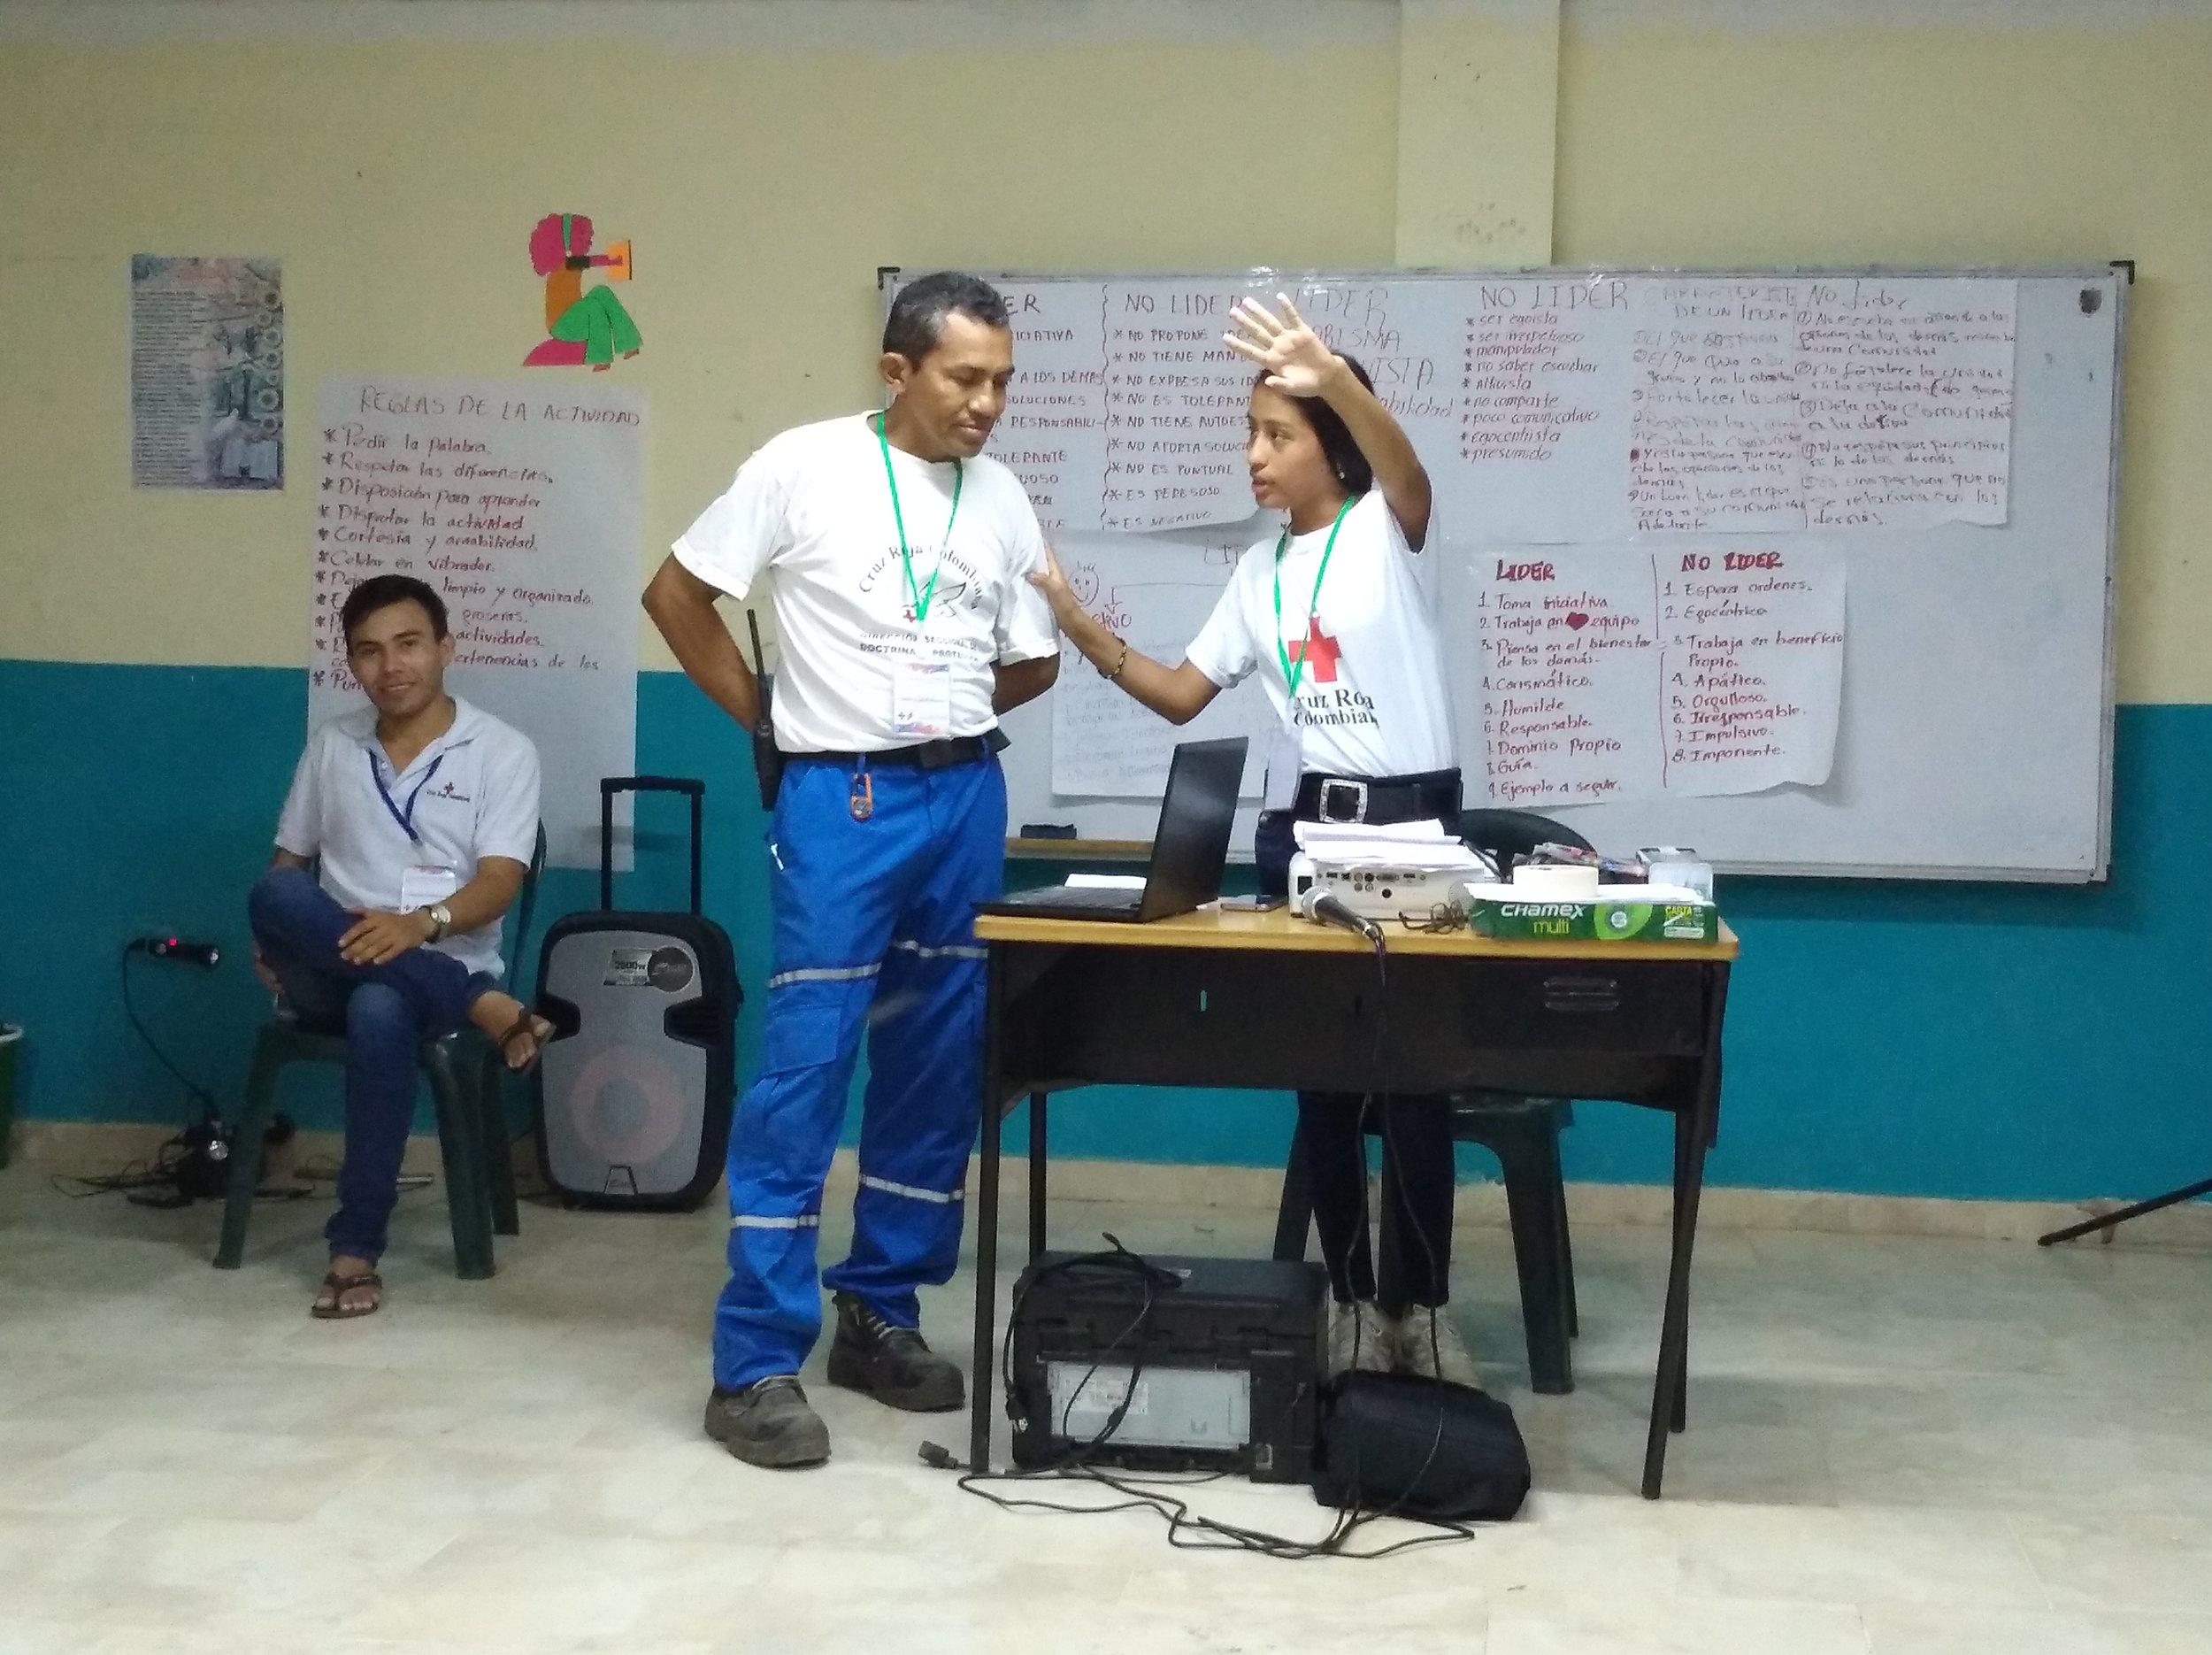 Juego de rol, de diferente típos de liderazgo. /// Role play, with different types of leadership.    Foto: Sofie S.Bele